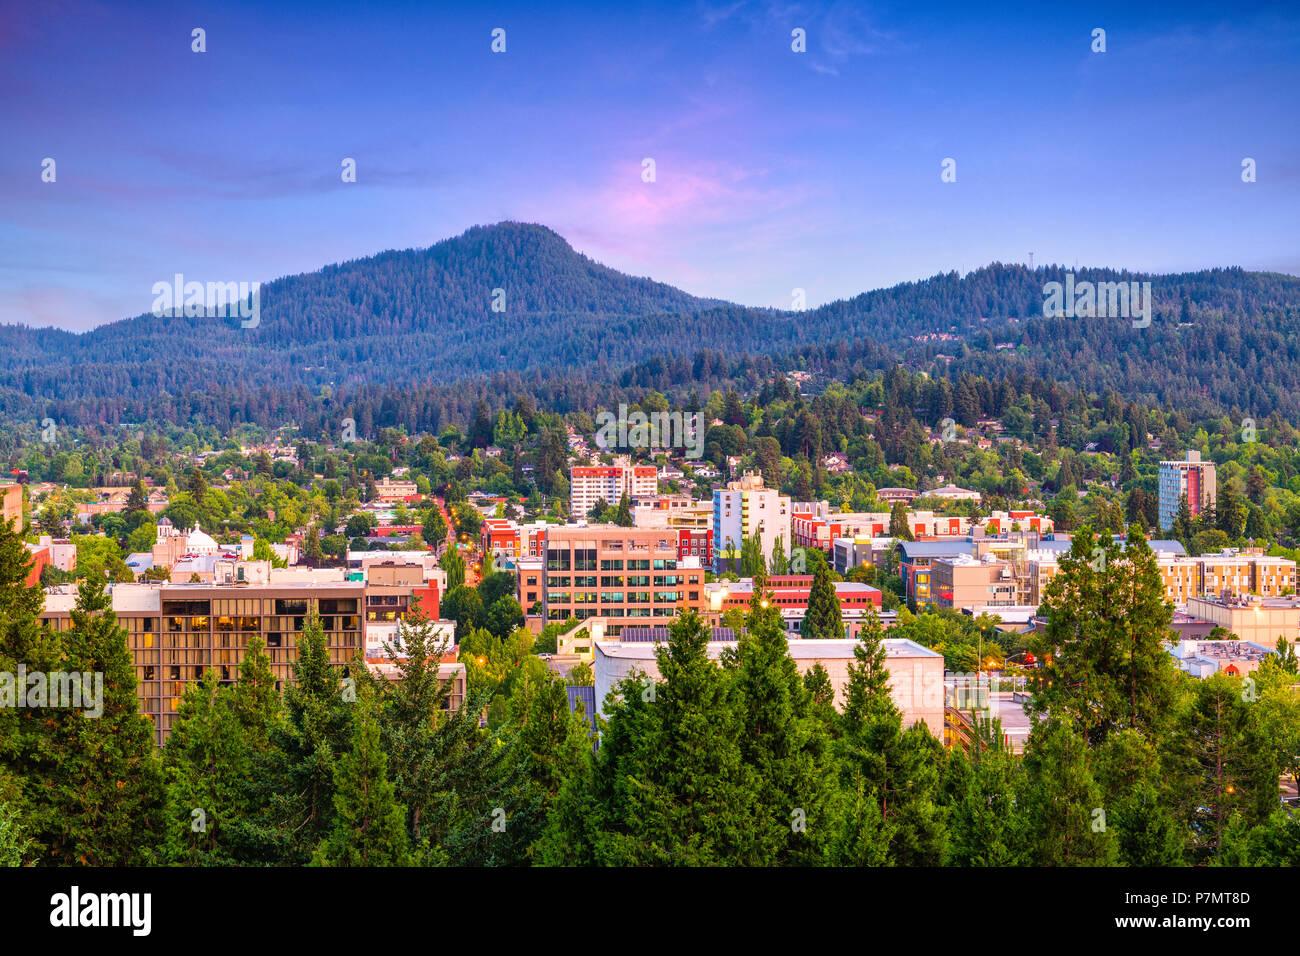 Eugene Oregon Stock Photos & Eugene Oregon Stock Images - Alamy